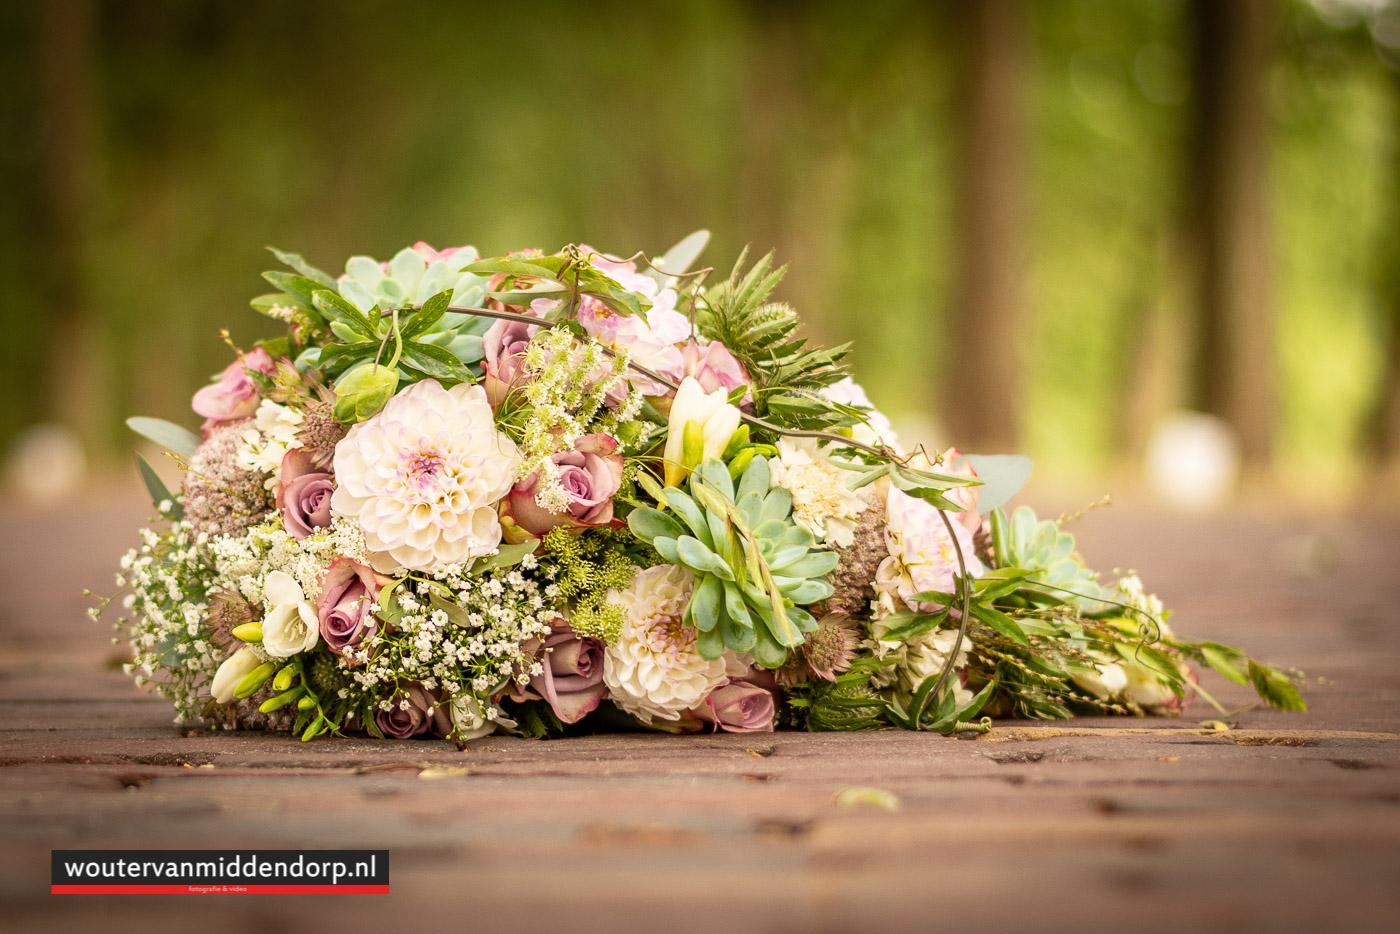 bruidsfotografie Wouter van Middendorp Uddel, Harskamp, Lunteren, Barneveld, fotograaf-19